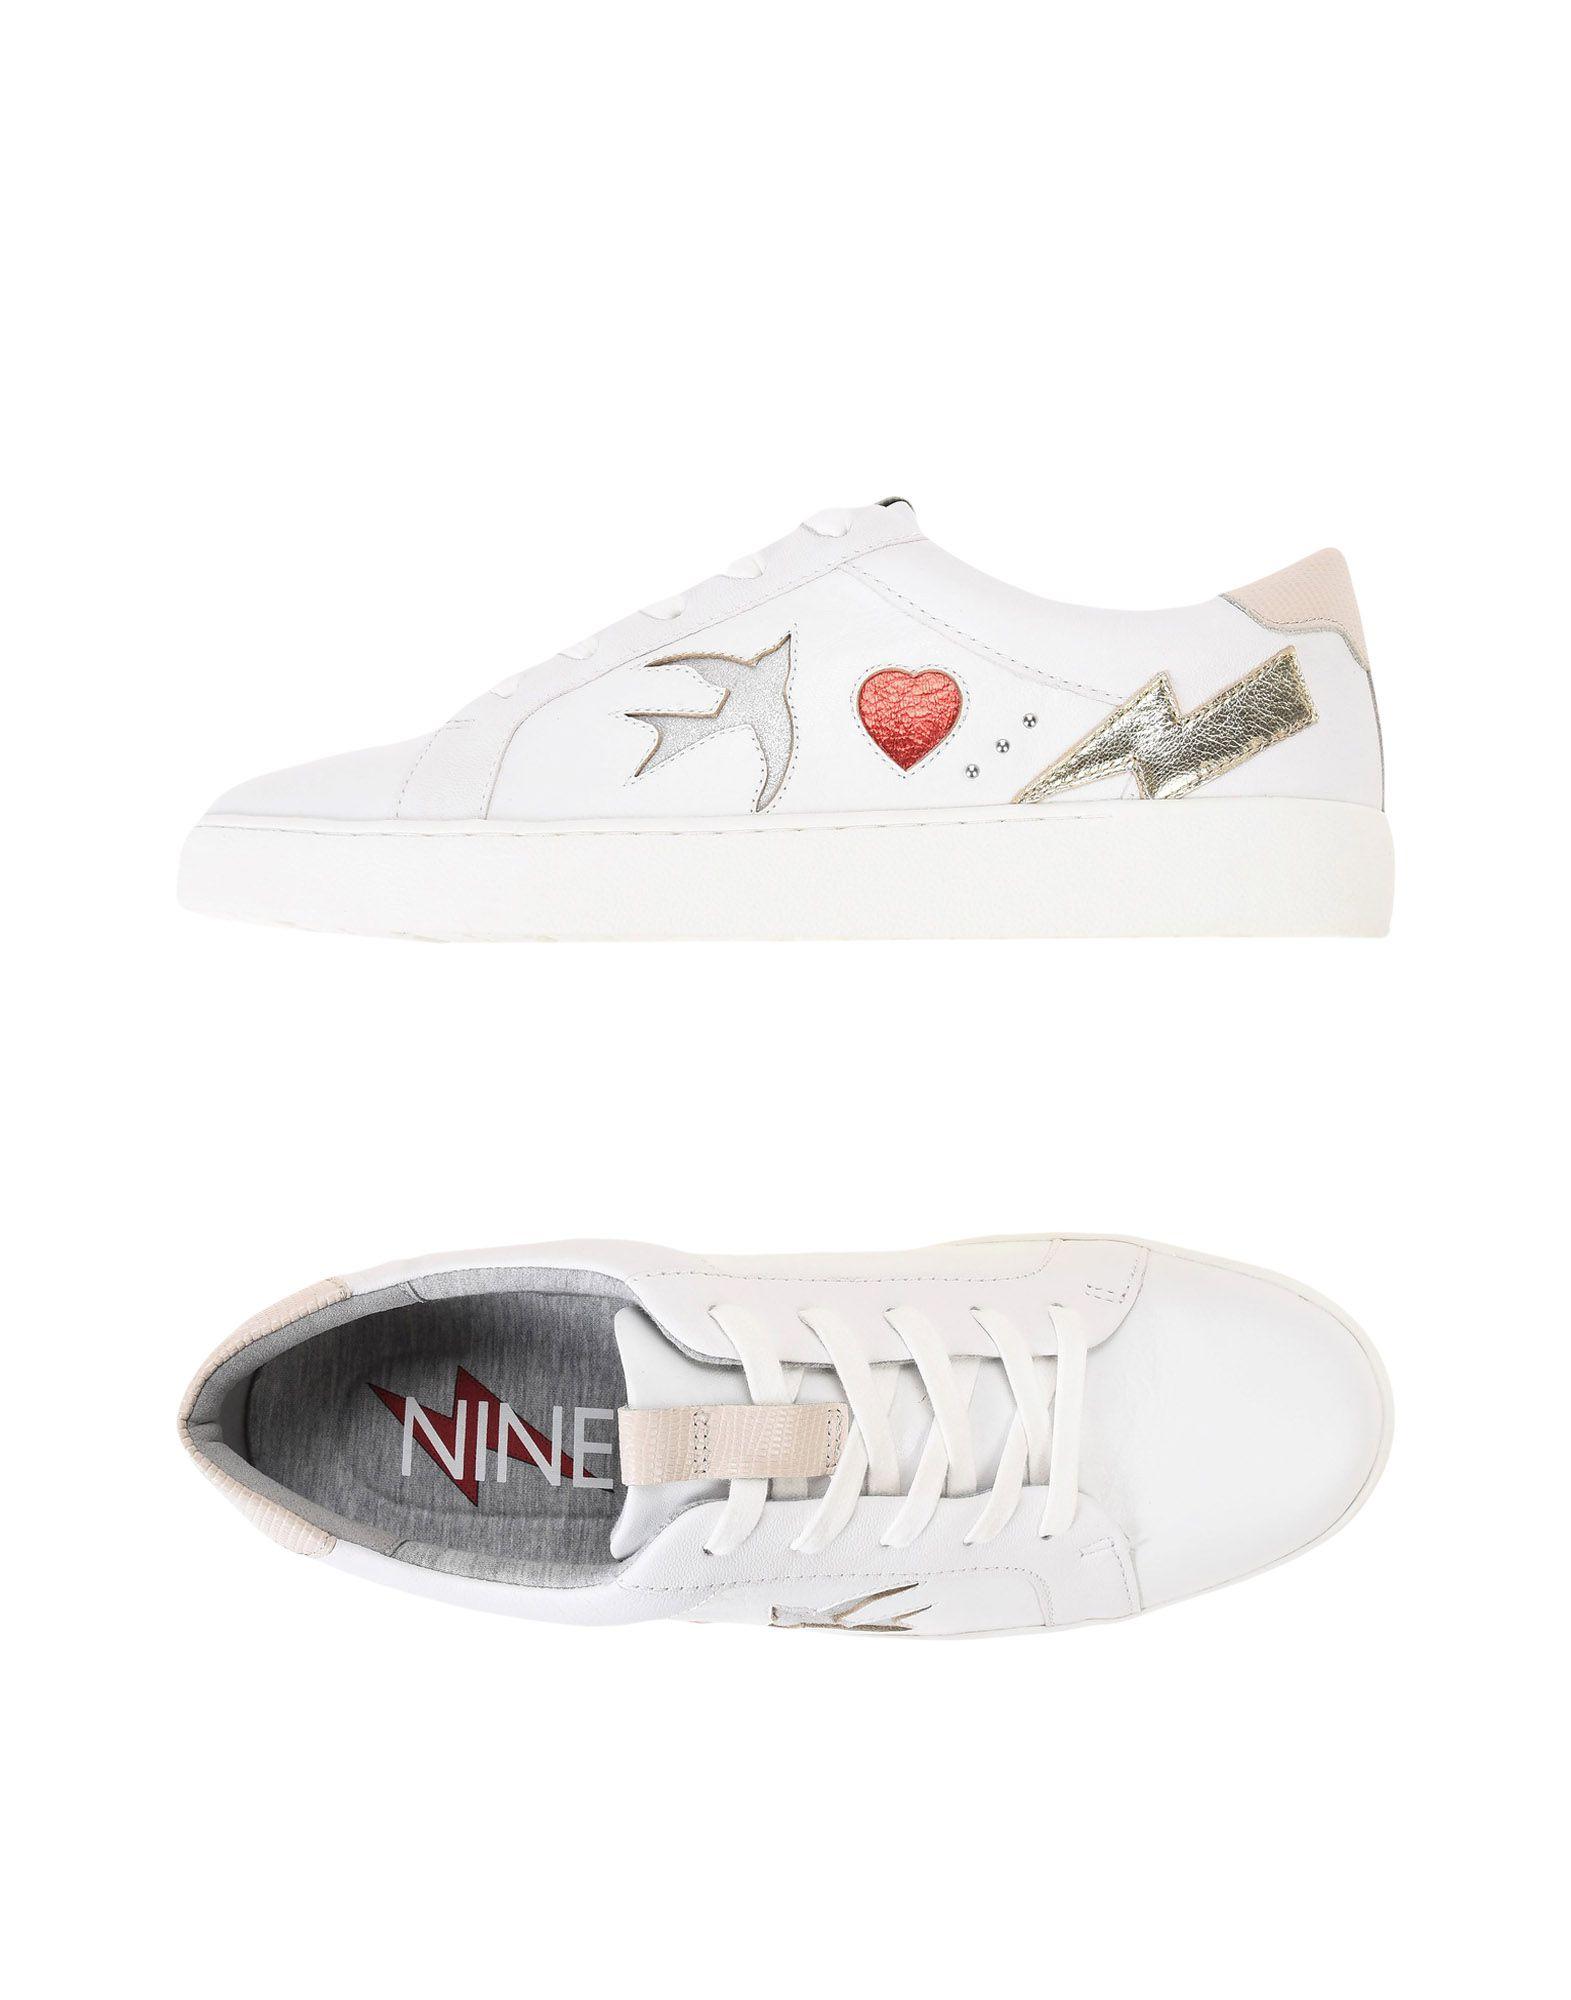 Nine West Photoid  Schuhe 11483176OR Gute Qualität beliebte Schuhe  2974f7